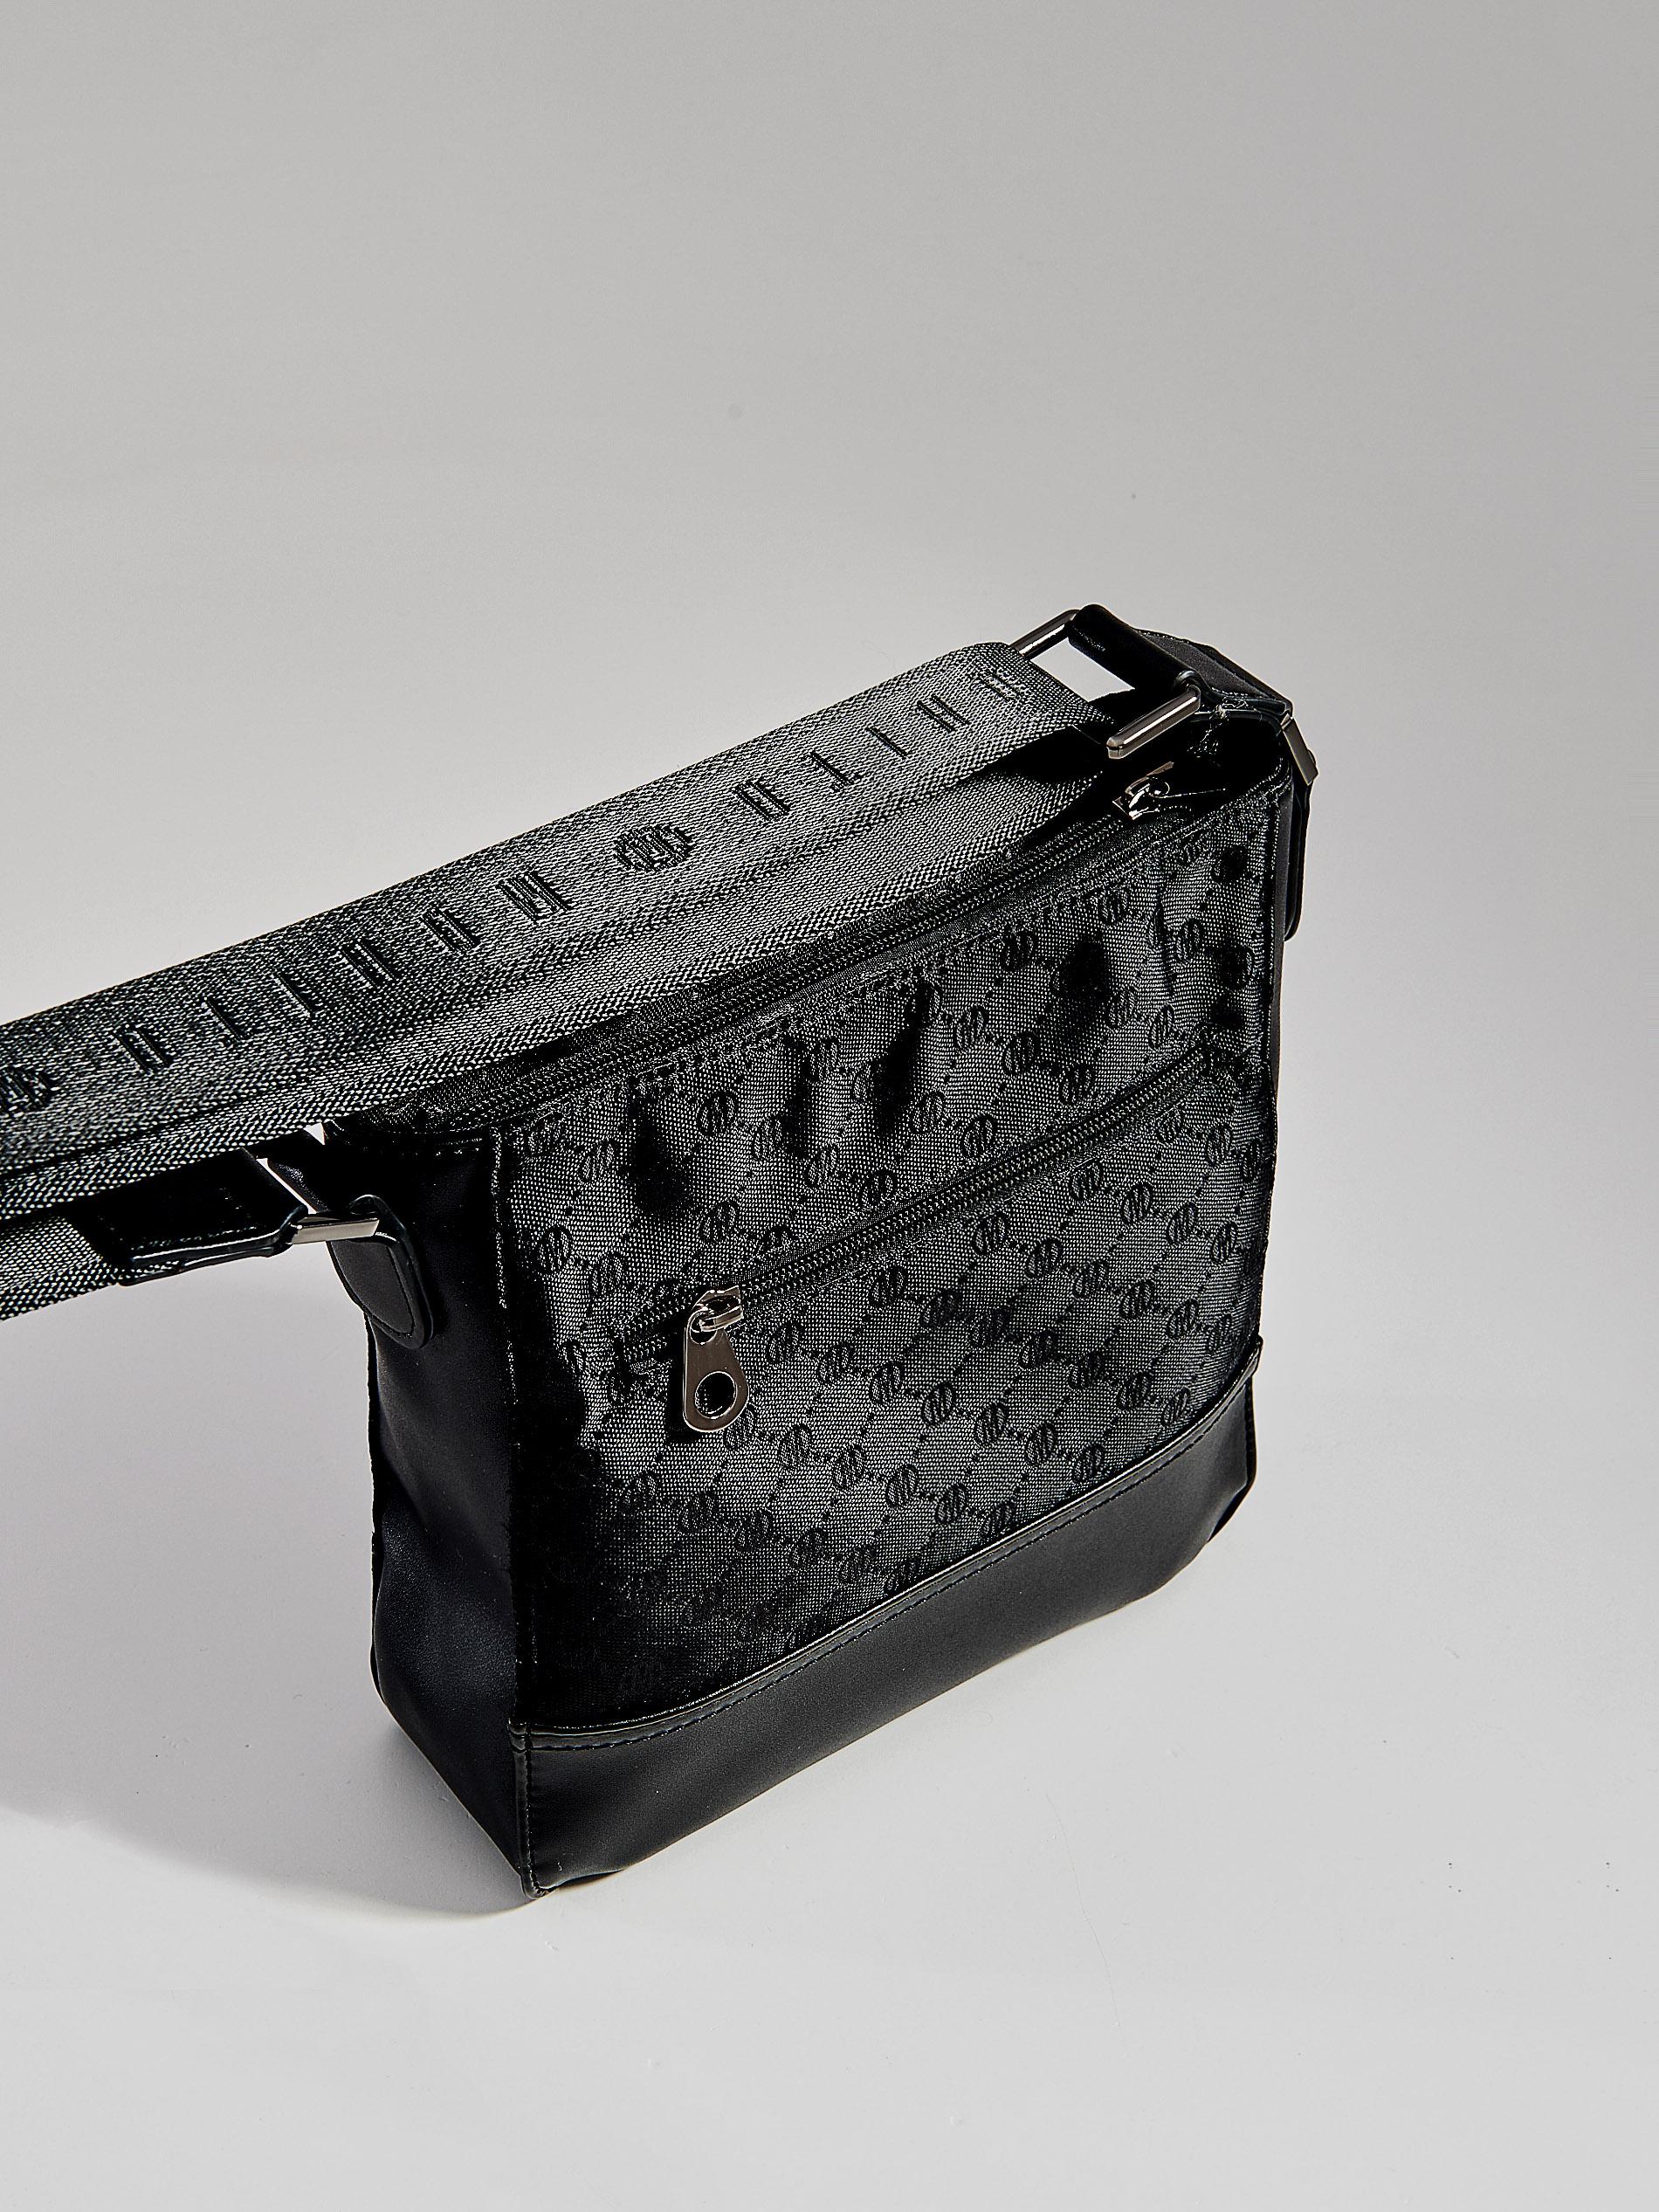 c100971b709ac Torebka na ramię z łączonych materiałów - czarny - VV536-99X - Mohito - 2